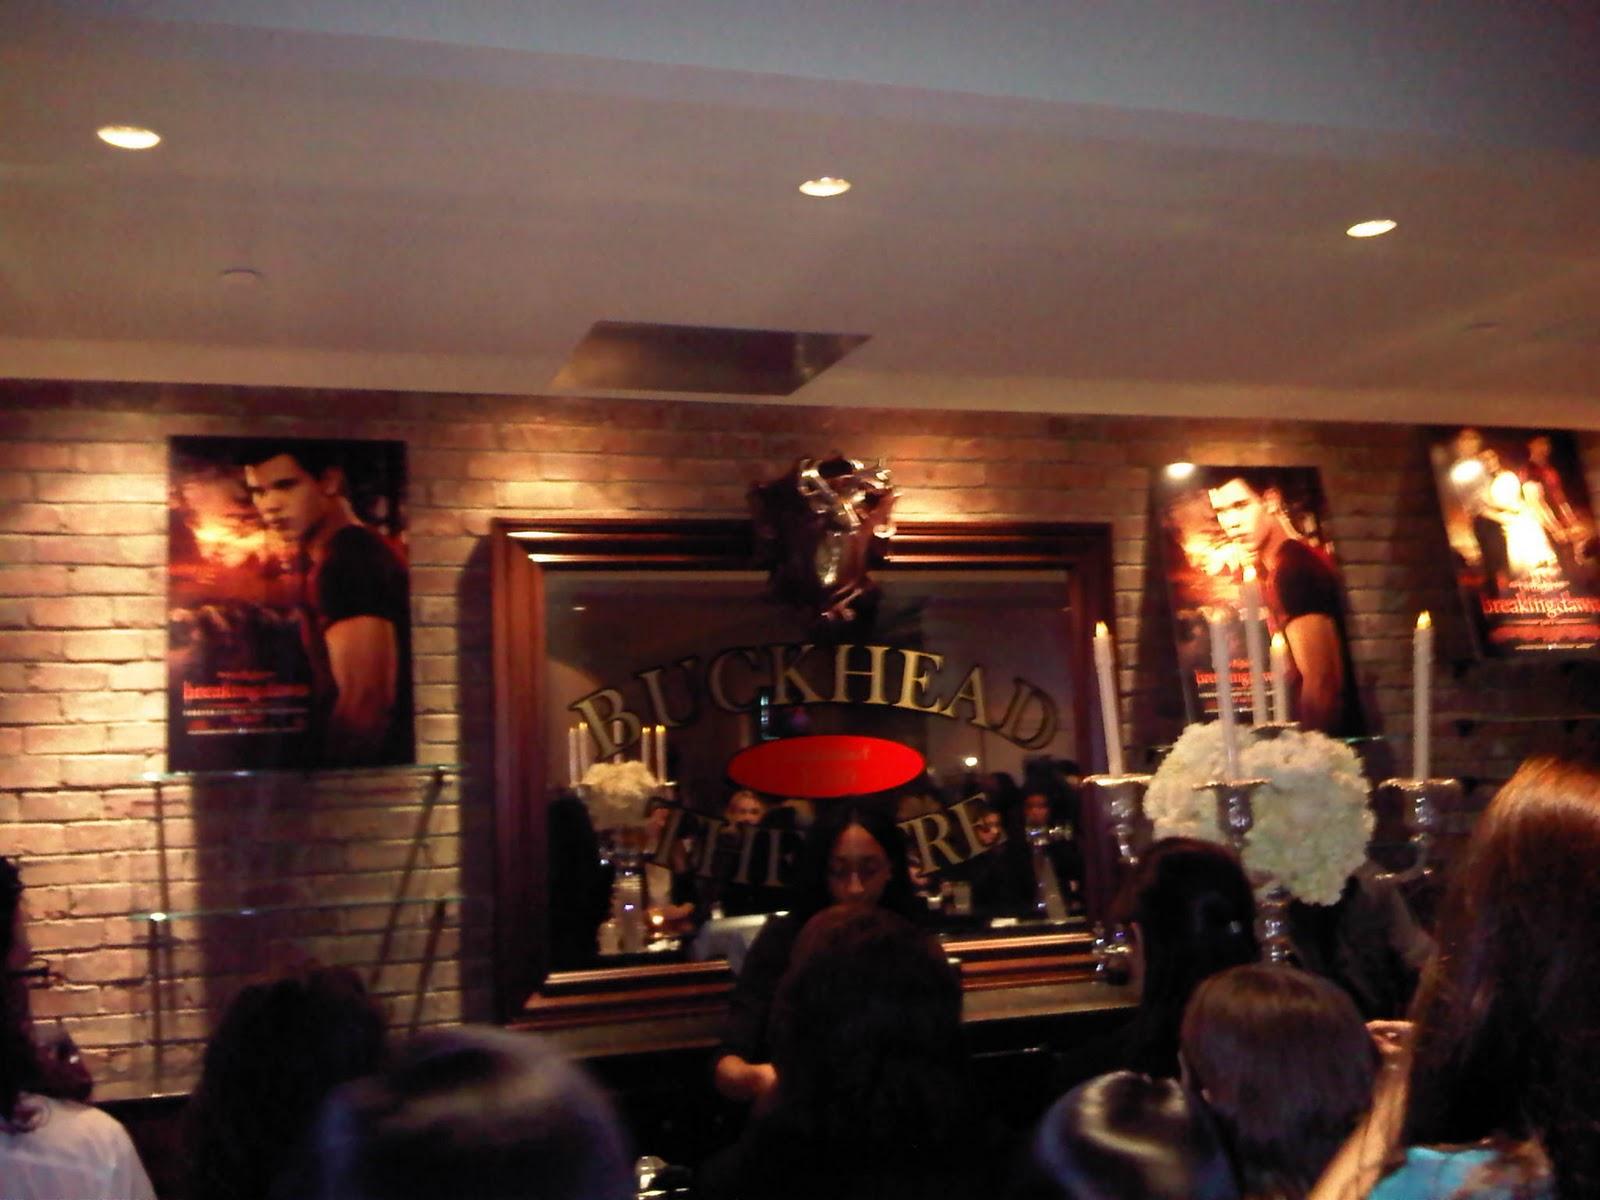 http://2.bp.blogspot.com/-2fTrEJXgkSA/Tril77JpcdI/AAAAAAAABEM/jxDNFUUPP0w/s1600/twilight+bar.bmp